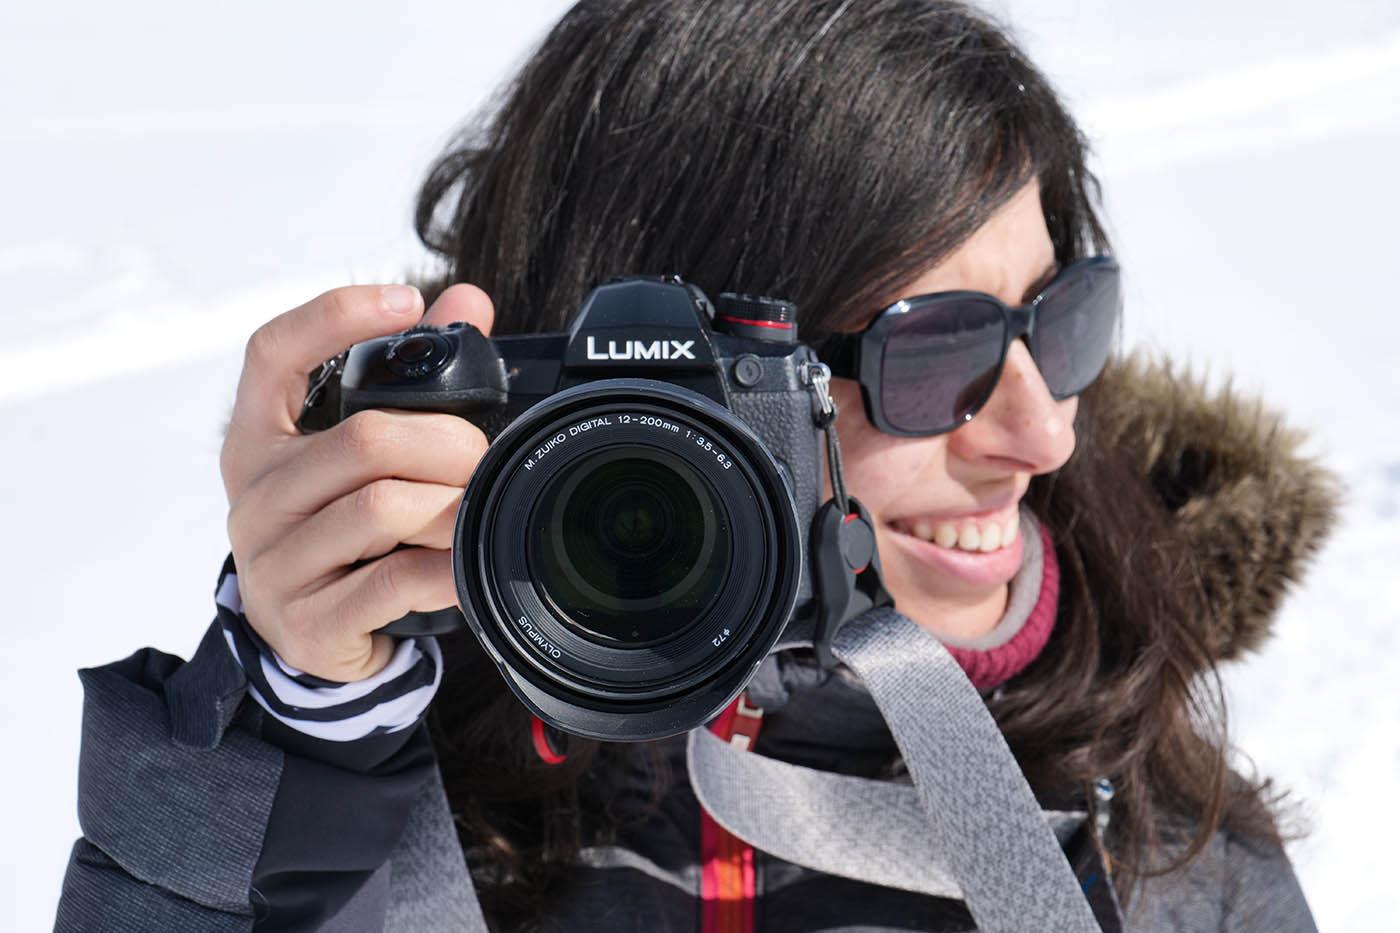 Olympus Zuiko 12-200 mm + Lumix Panasonic G9